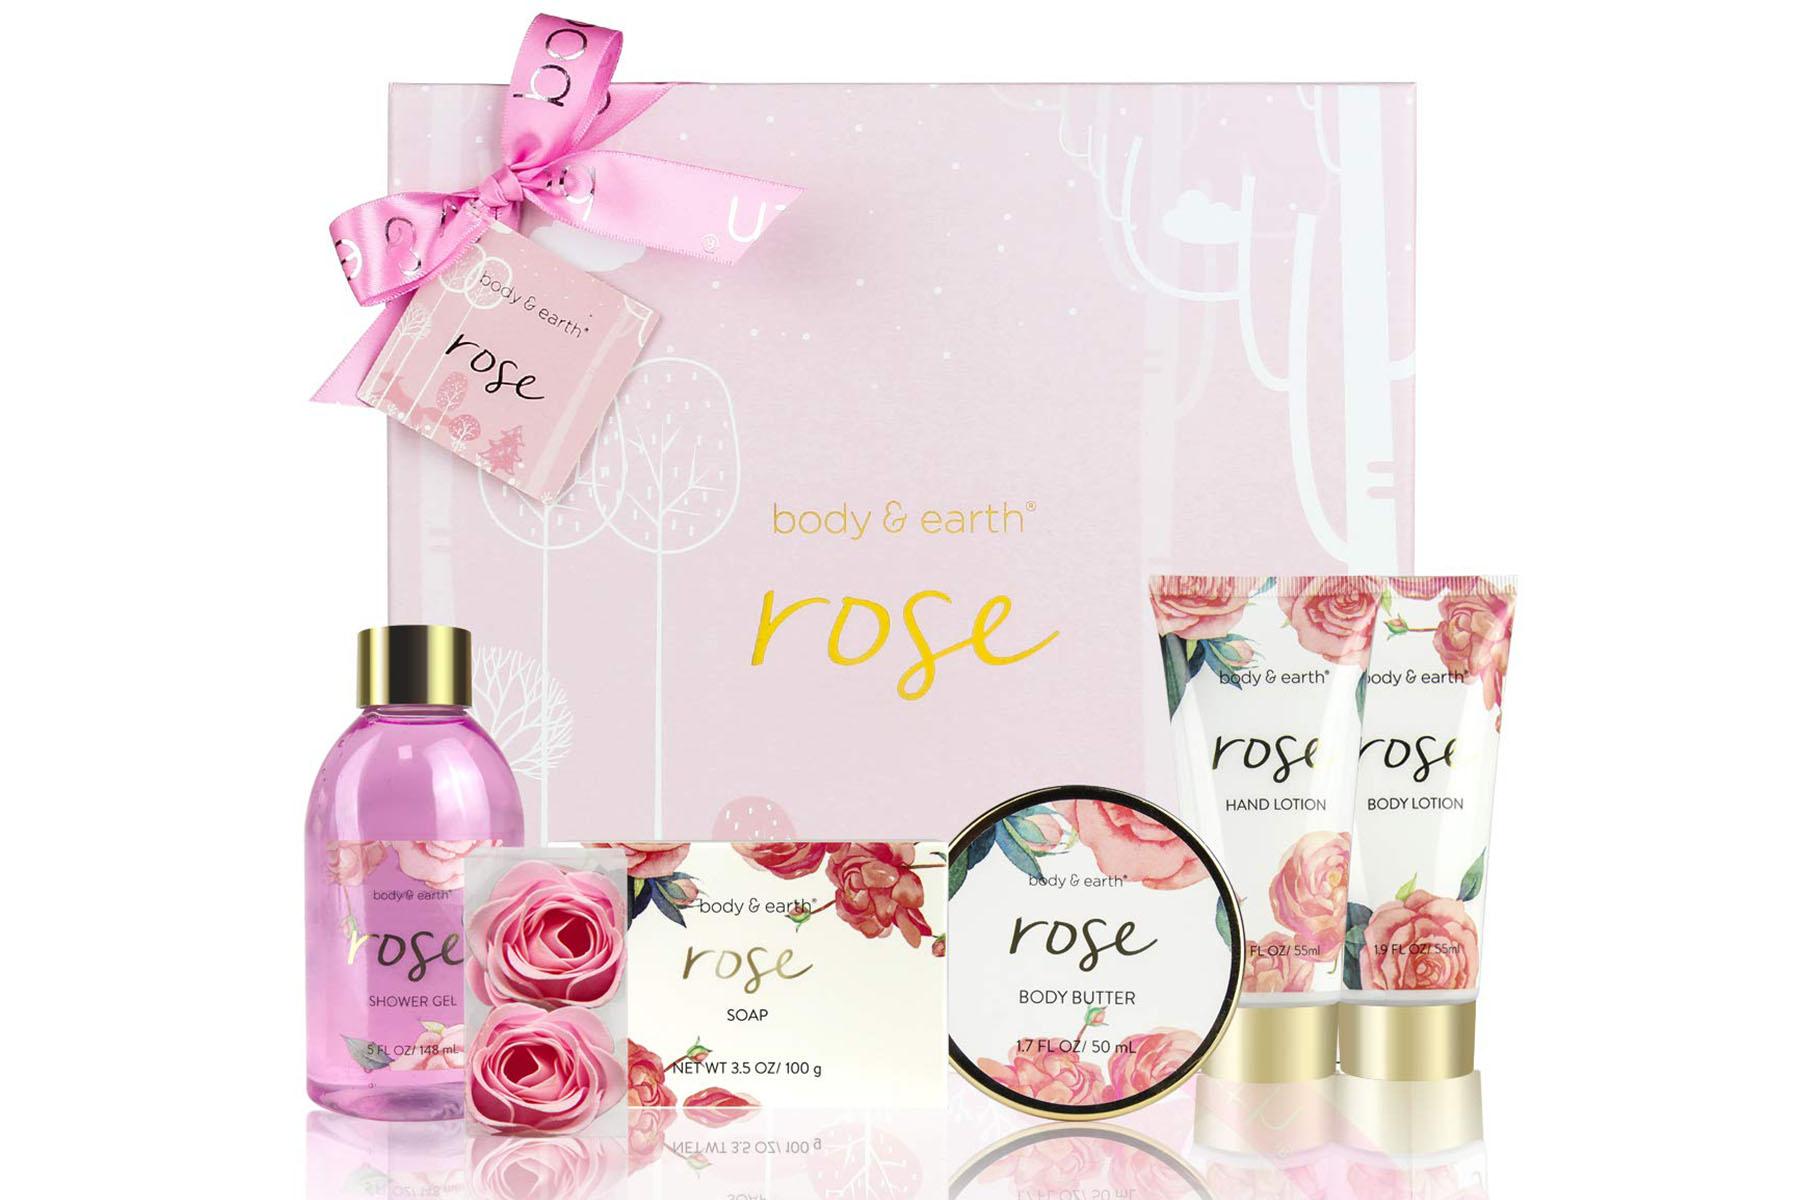 rose spa kit